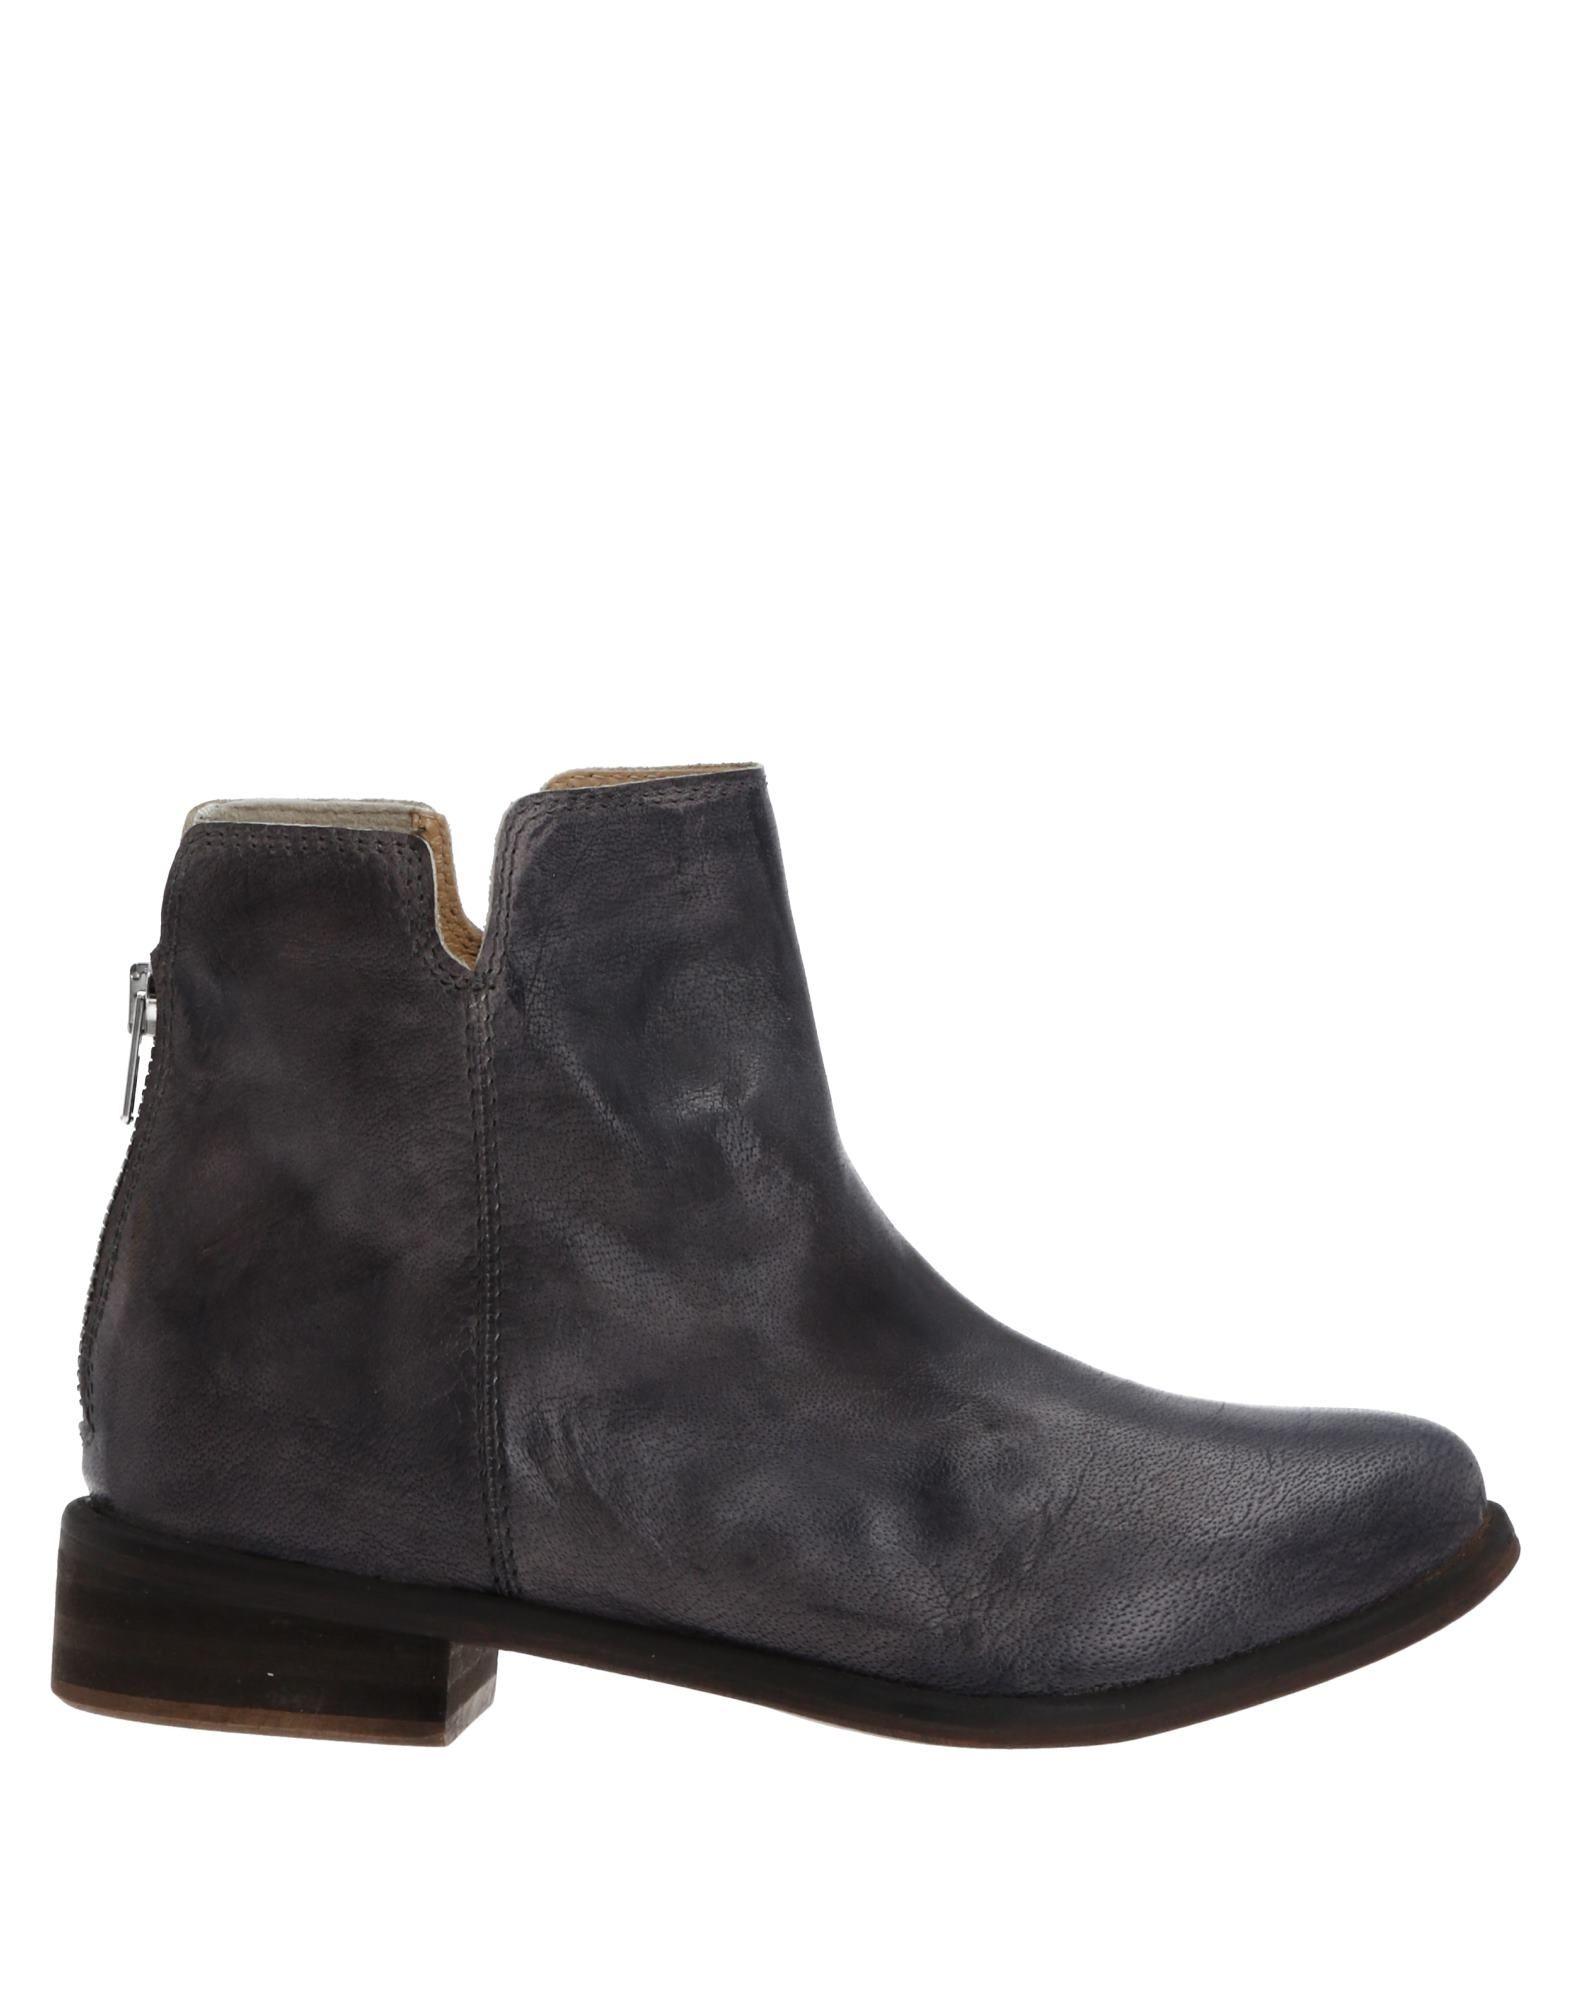 San Crispino Stiefelette Damen  11523220QR Gute Qualität beliebte Schuhe